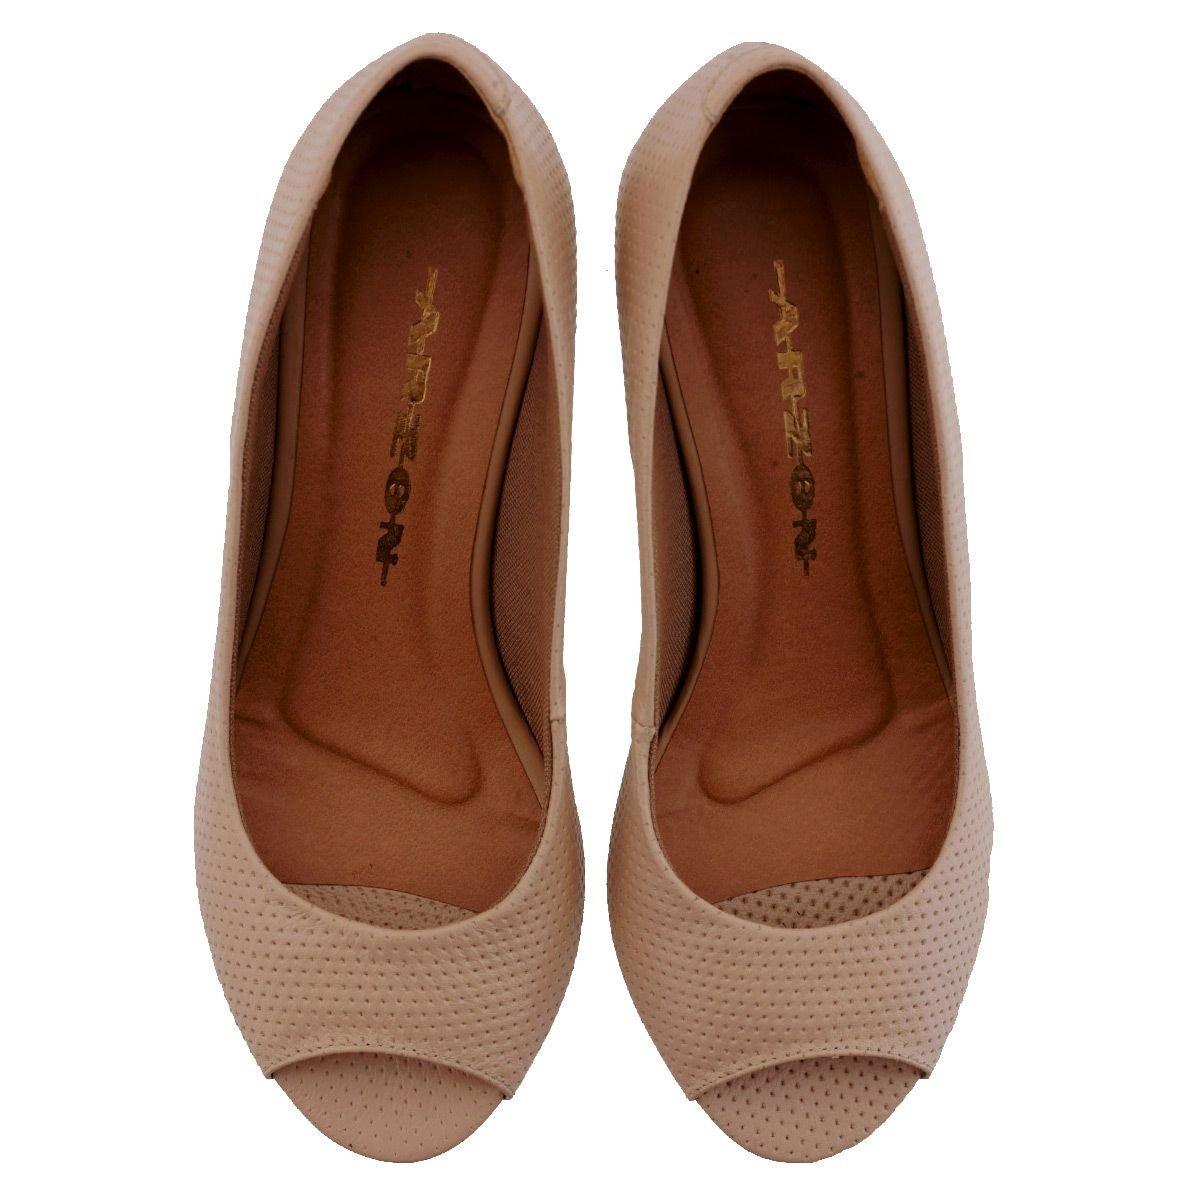 da587076d6 sandália anabela couro feminina rosê. Carregando zoom.